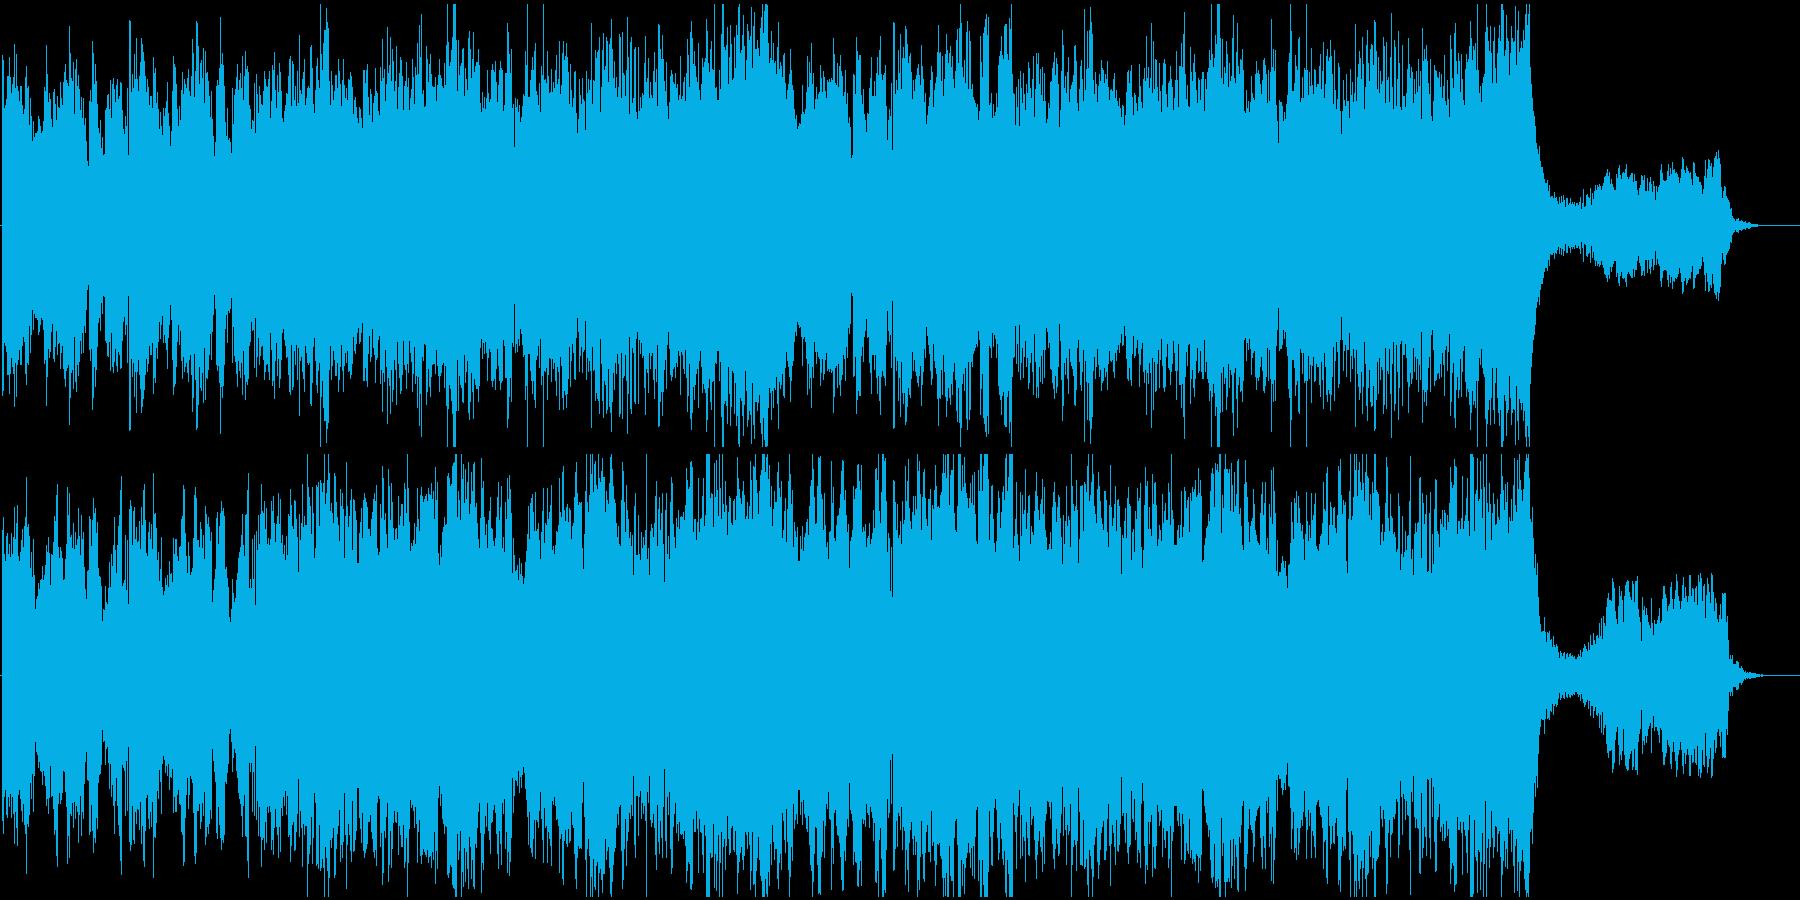 戦闘BGM 荒廃した戦場イメージの再生済みの波形